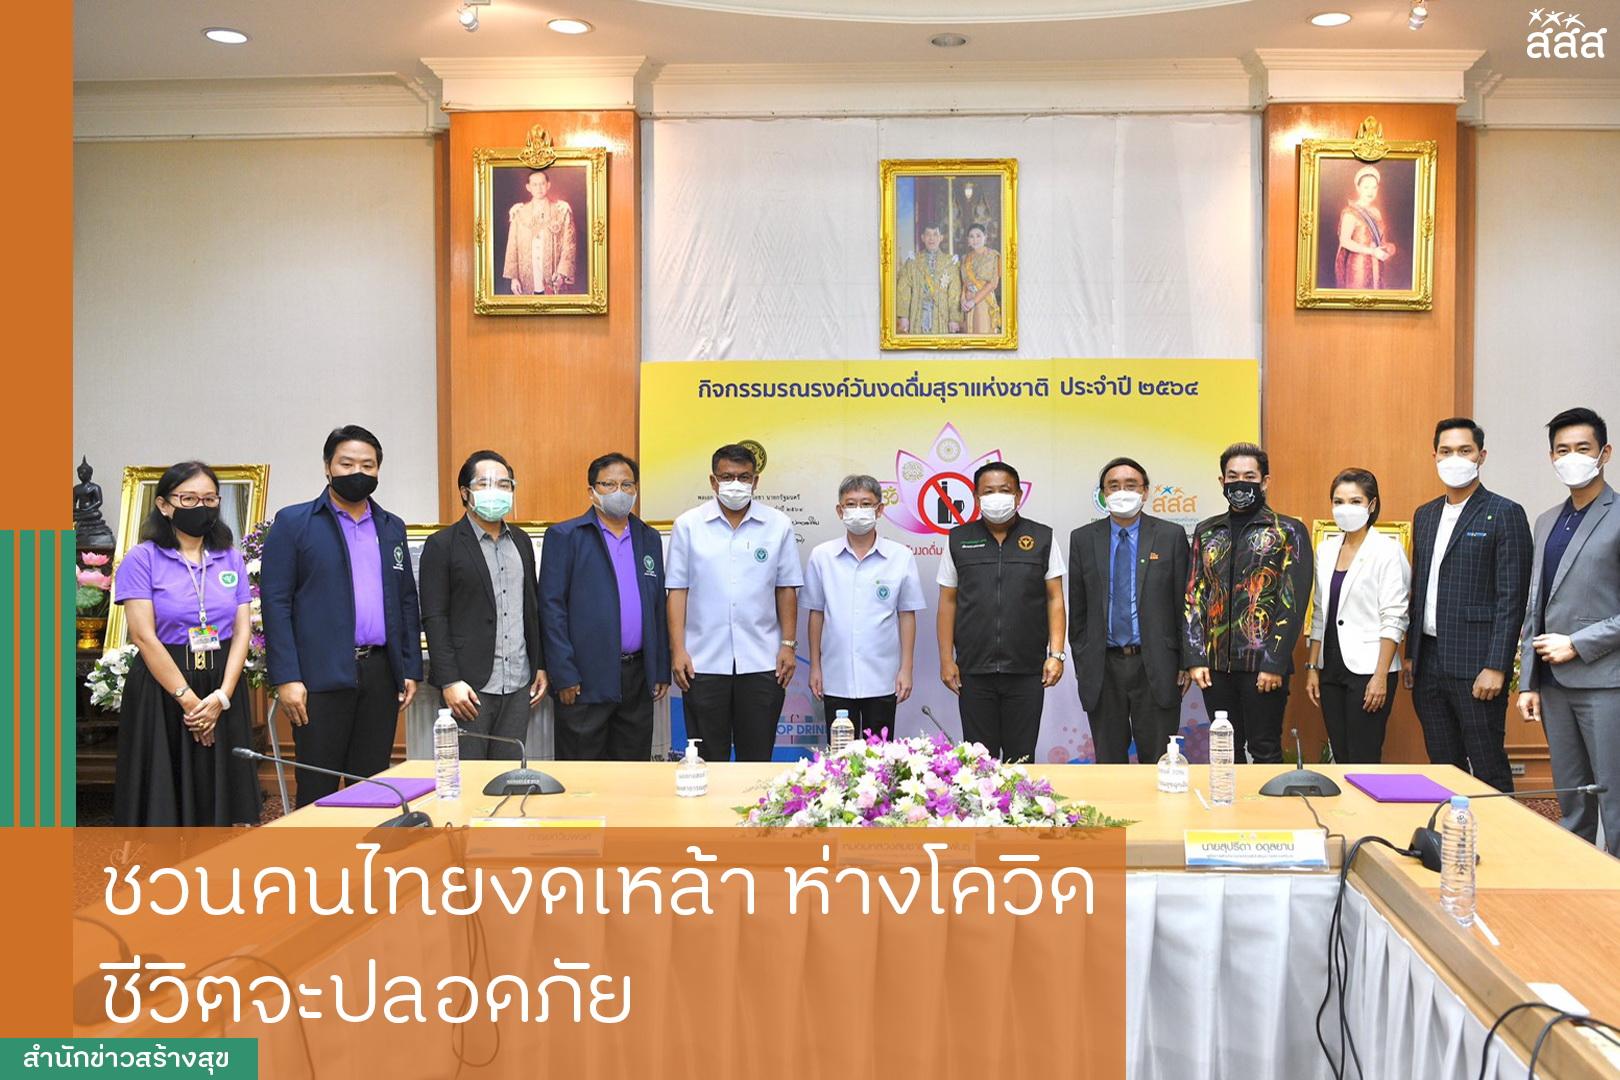 ชวนคนไทยงดเหล้า ห่างโควิด ชีวิตจะปลอดภัย thaihealth